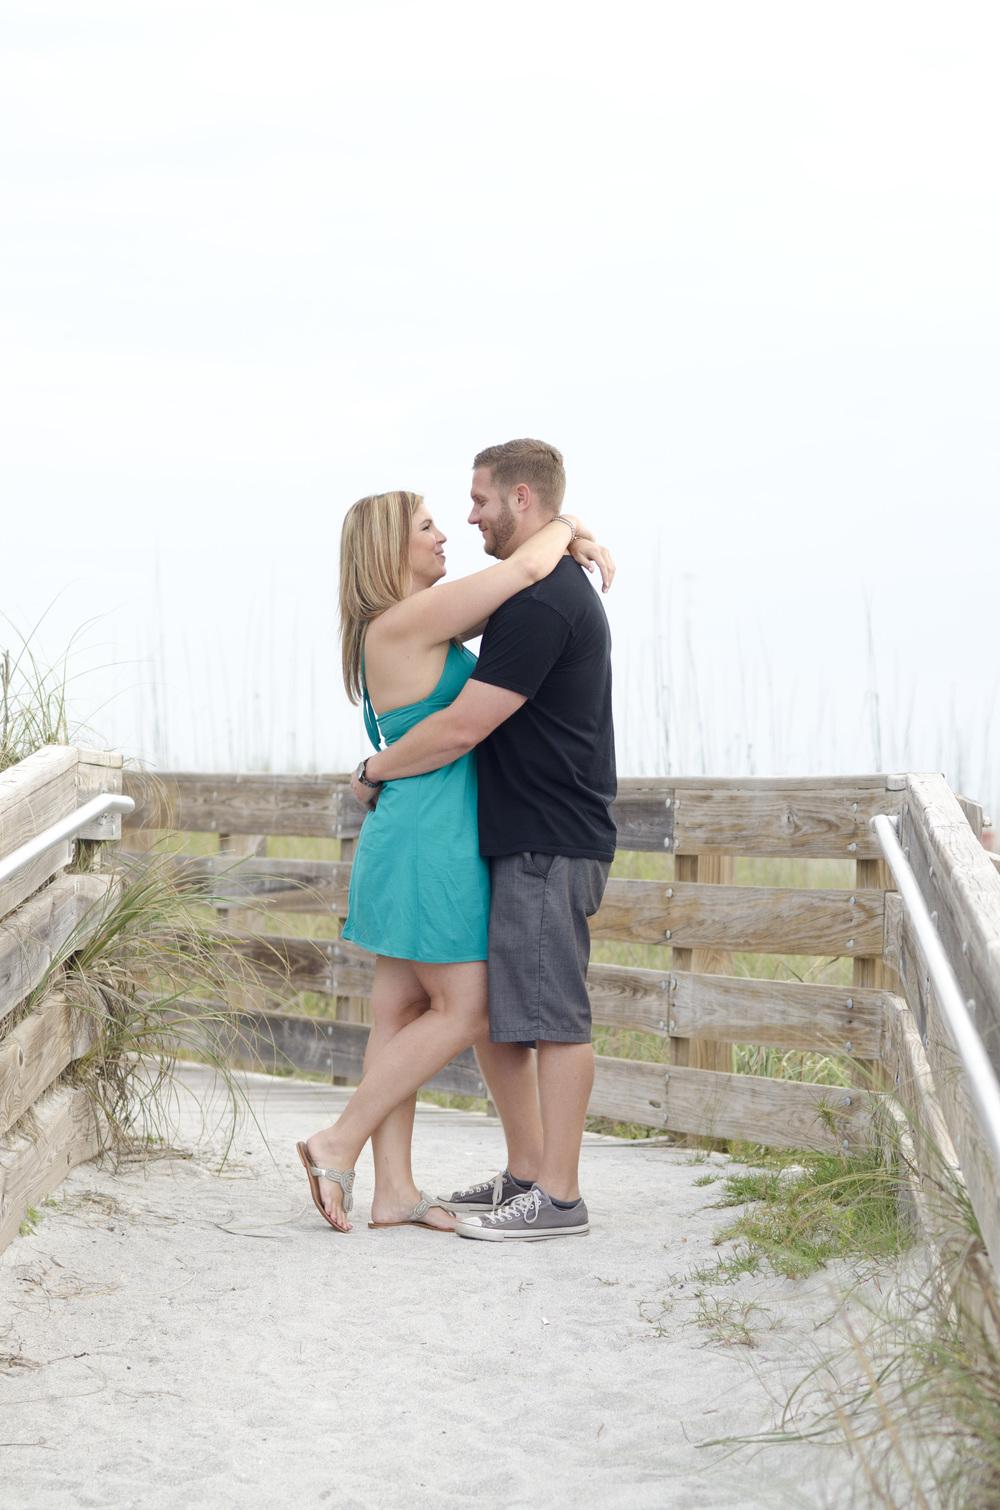 Fairbanks Wedding Photographer - Engagement Photo Poses